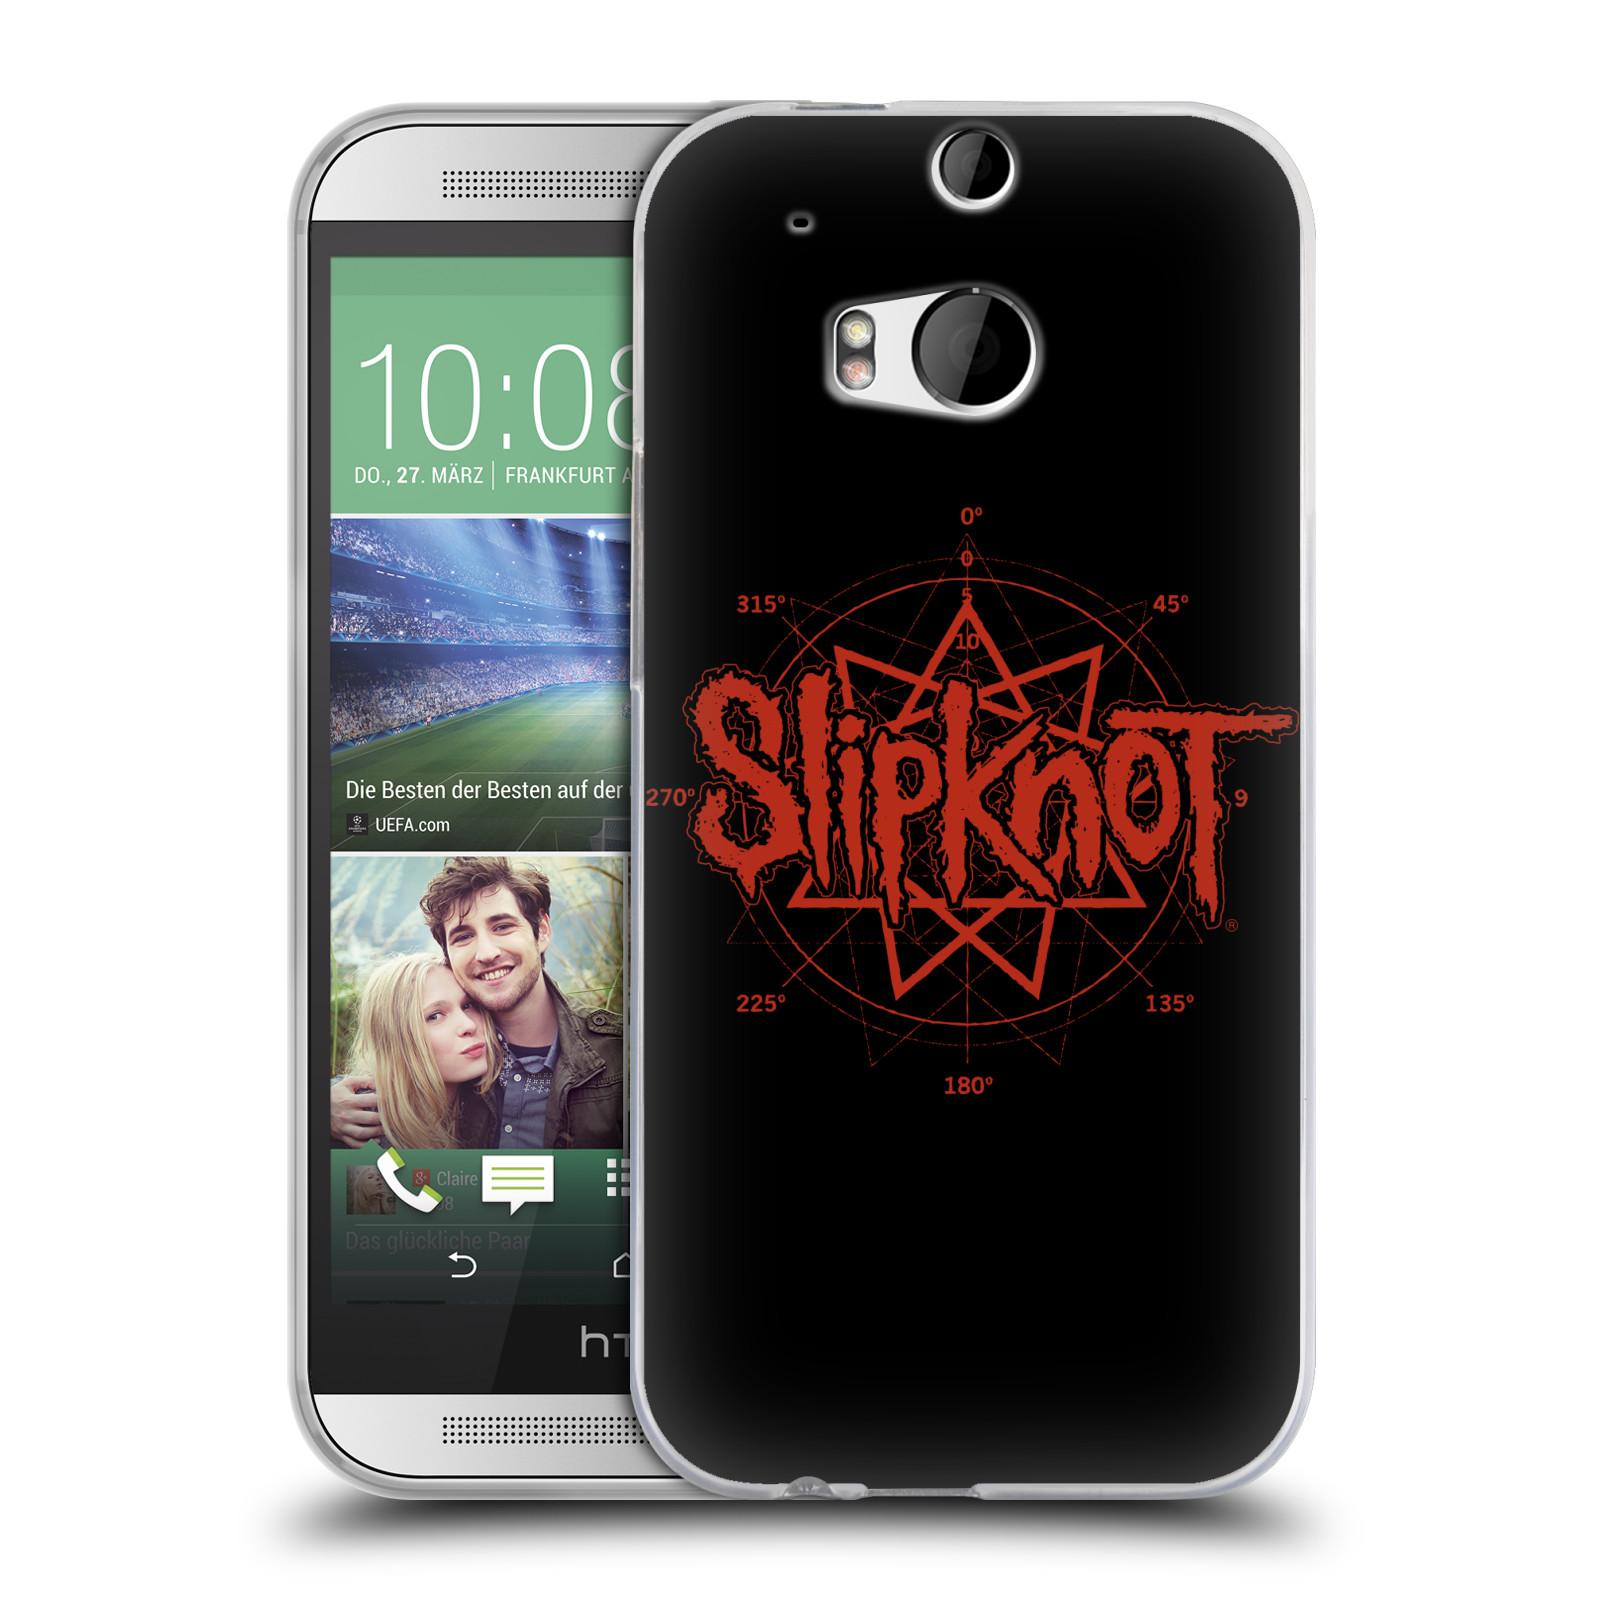 HEAD CASE silikonový obal na mobil HTC one M8 / M8s hudební skupina Slipknot logo